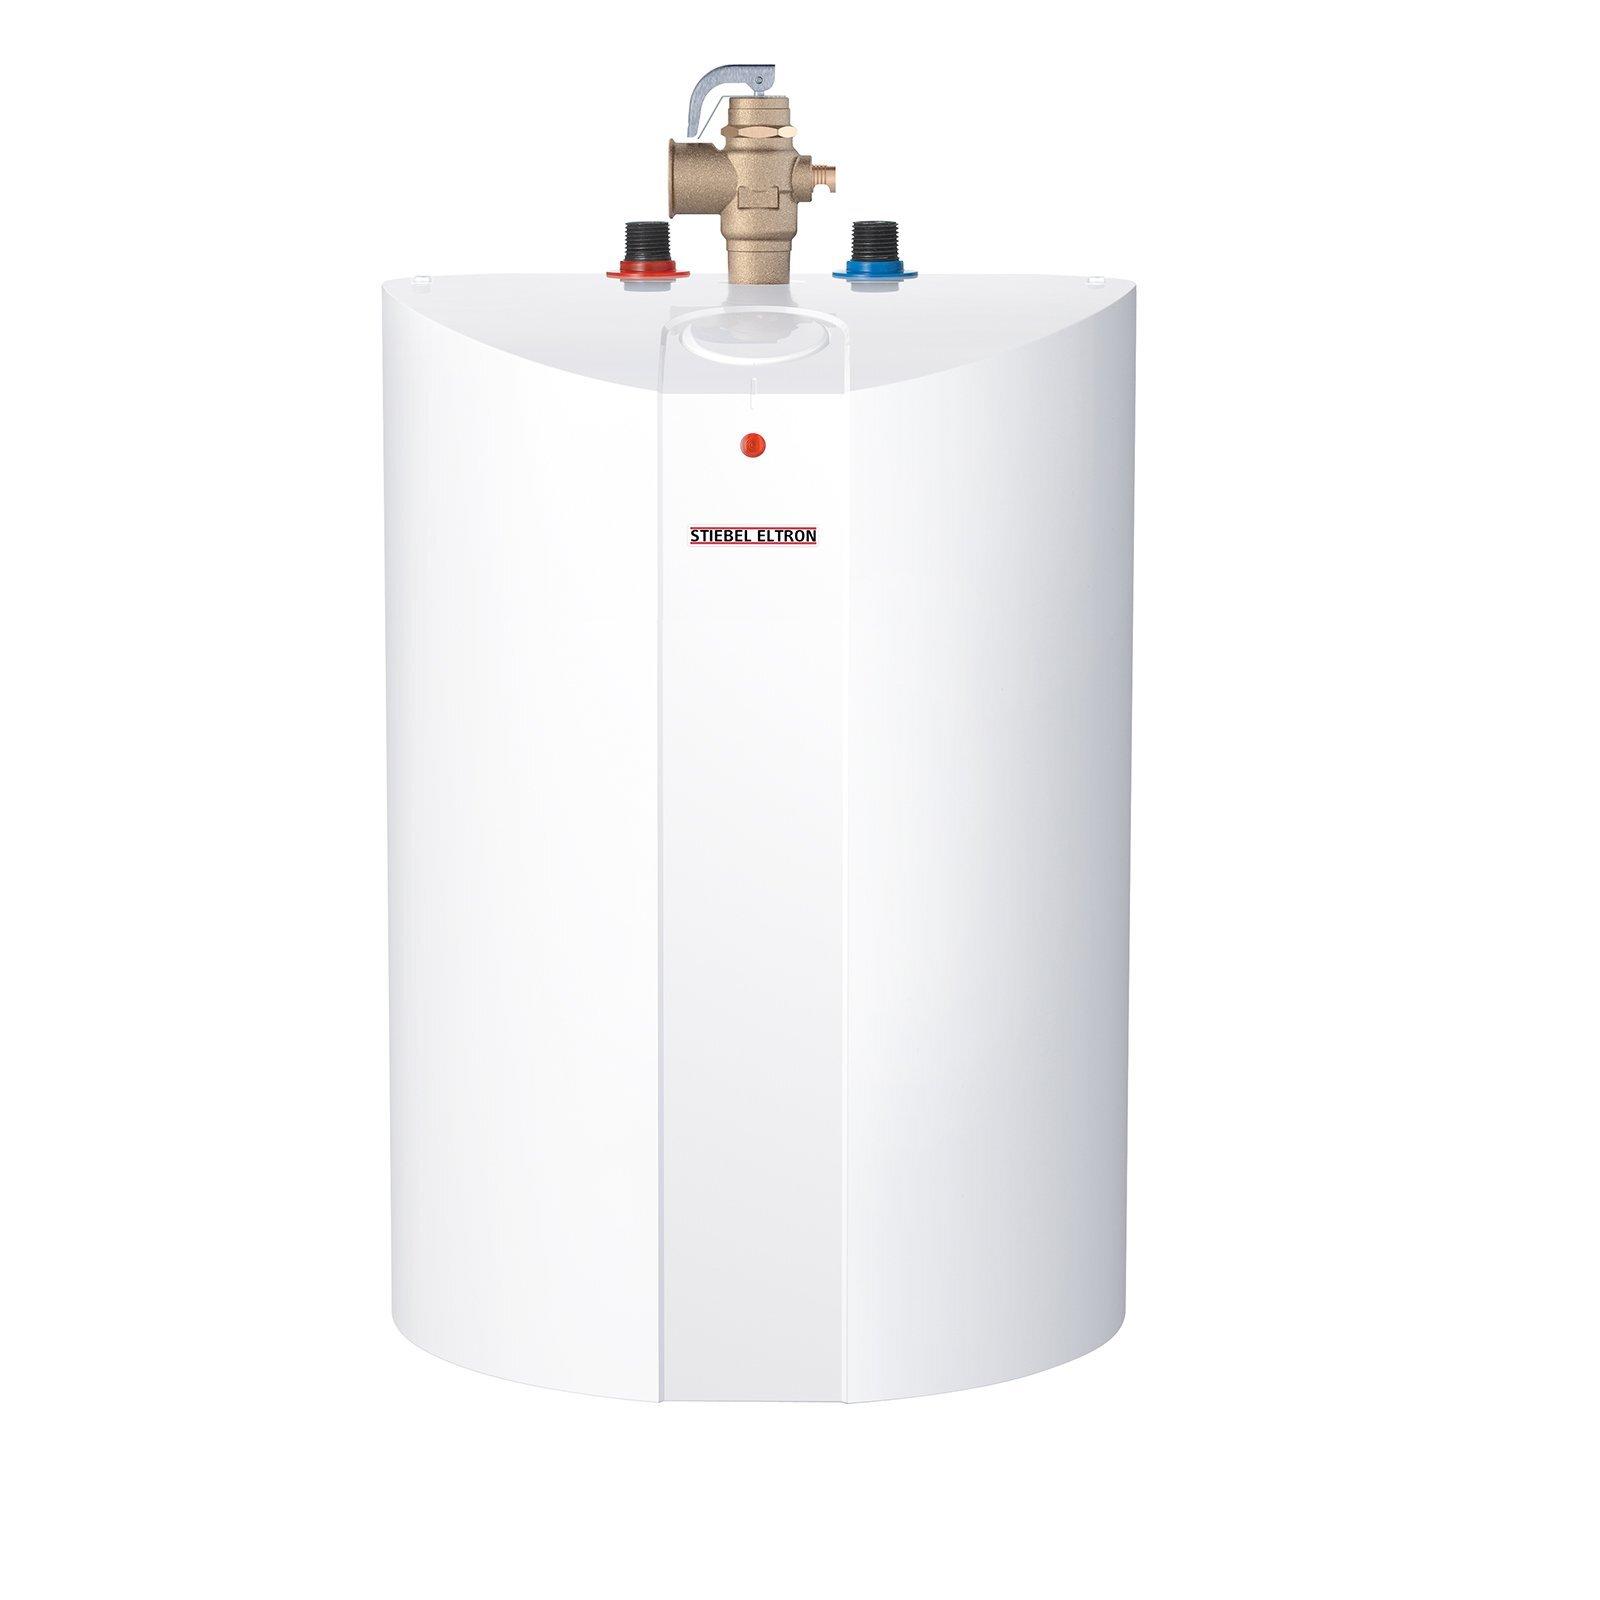 STIEBEL ELTRON 15L Mains Storage Water Heater